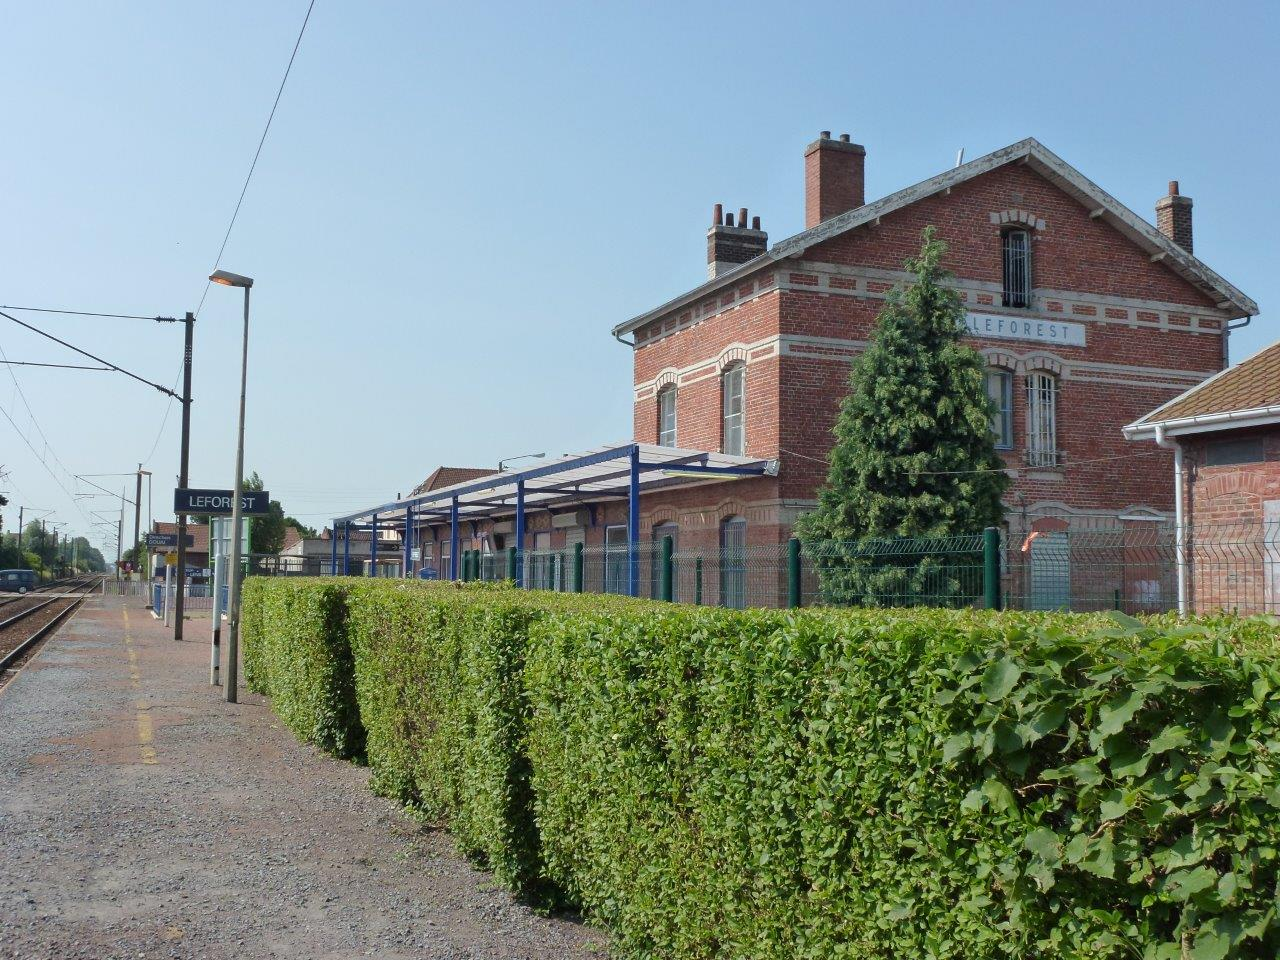 gare-de-leforest-train-station